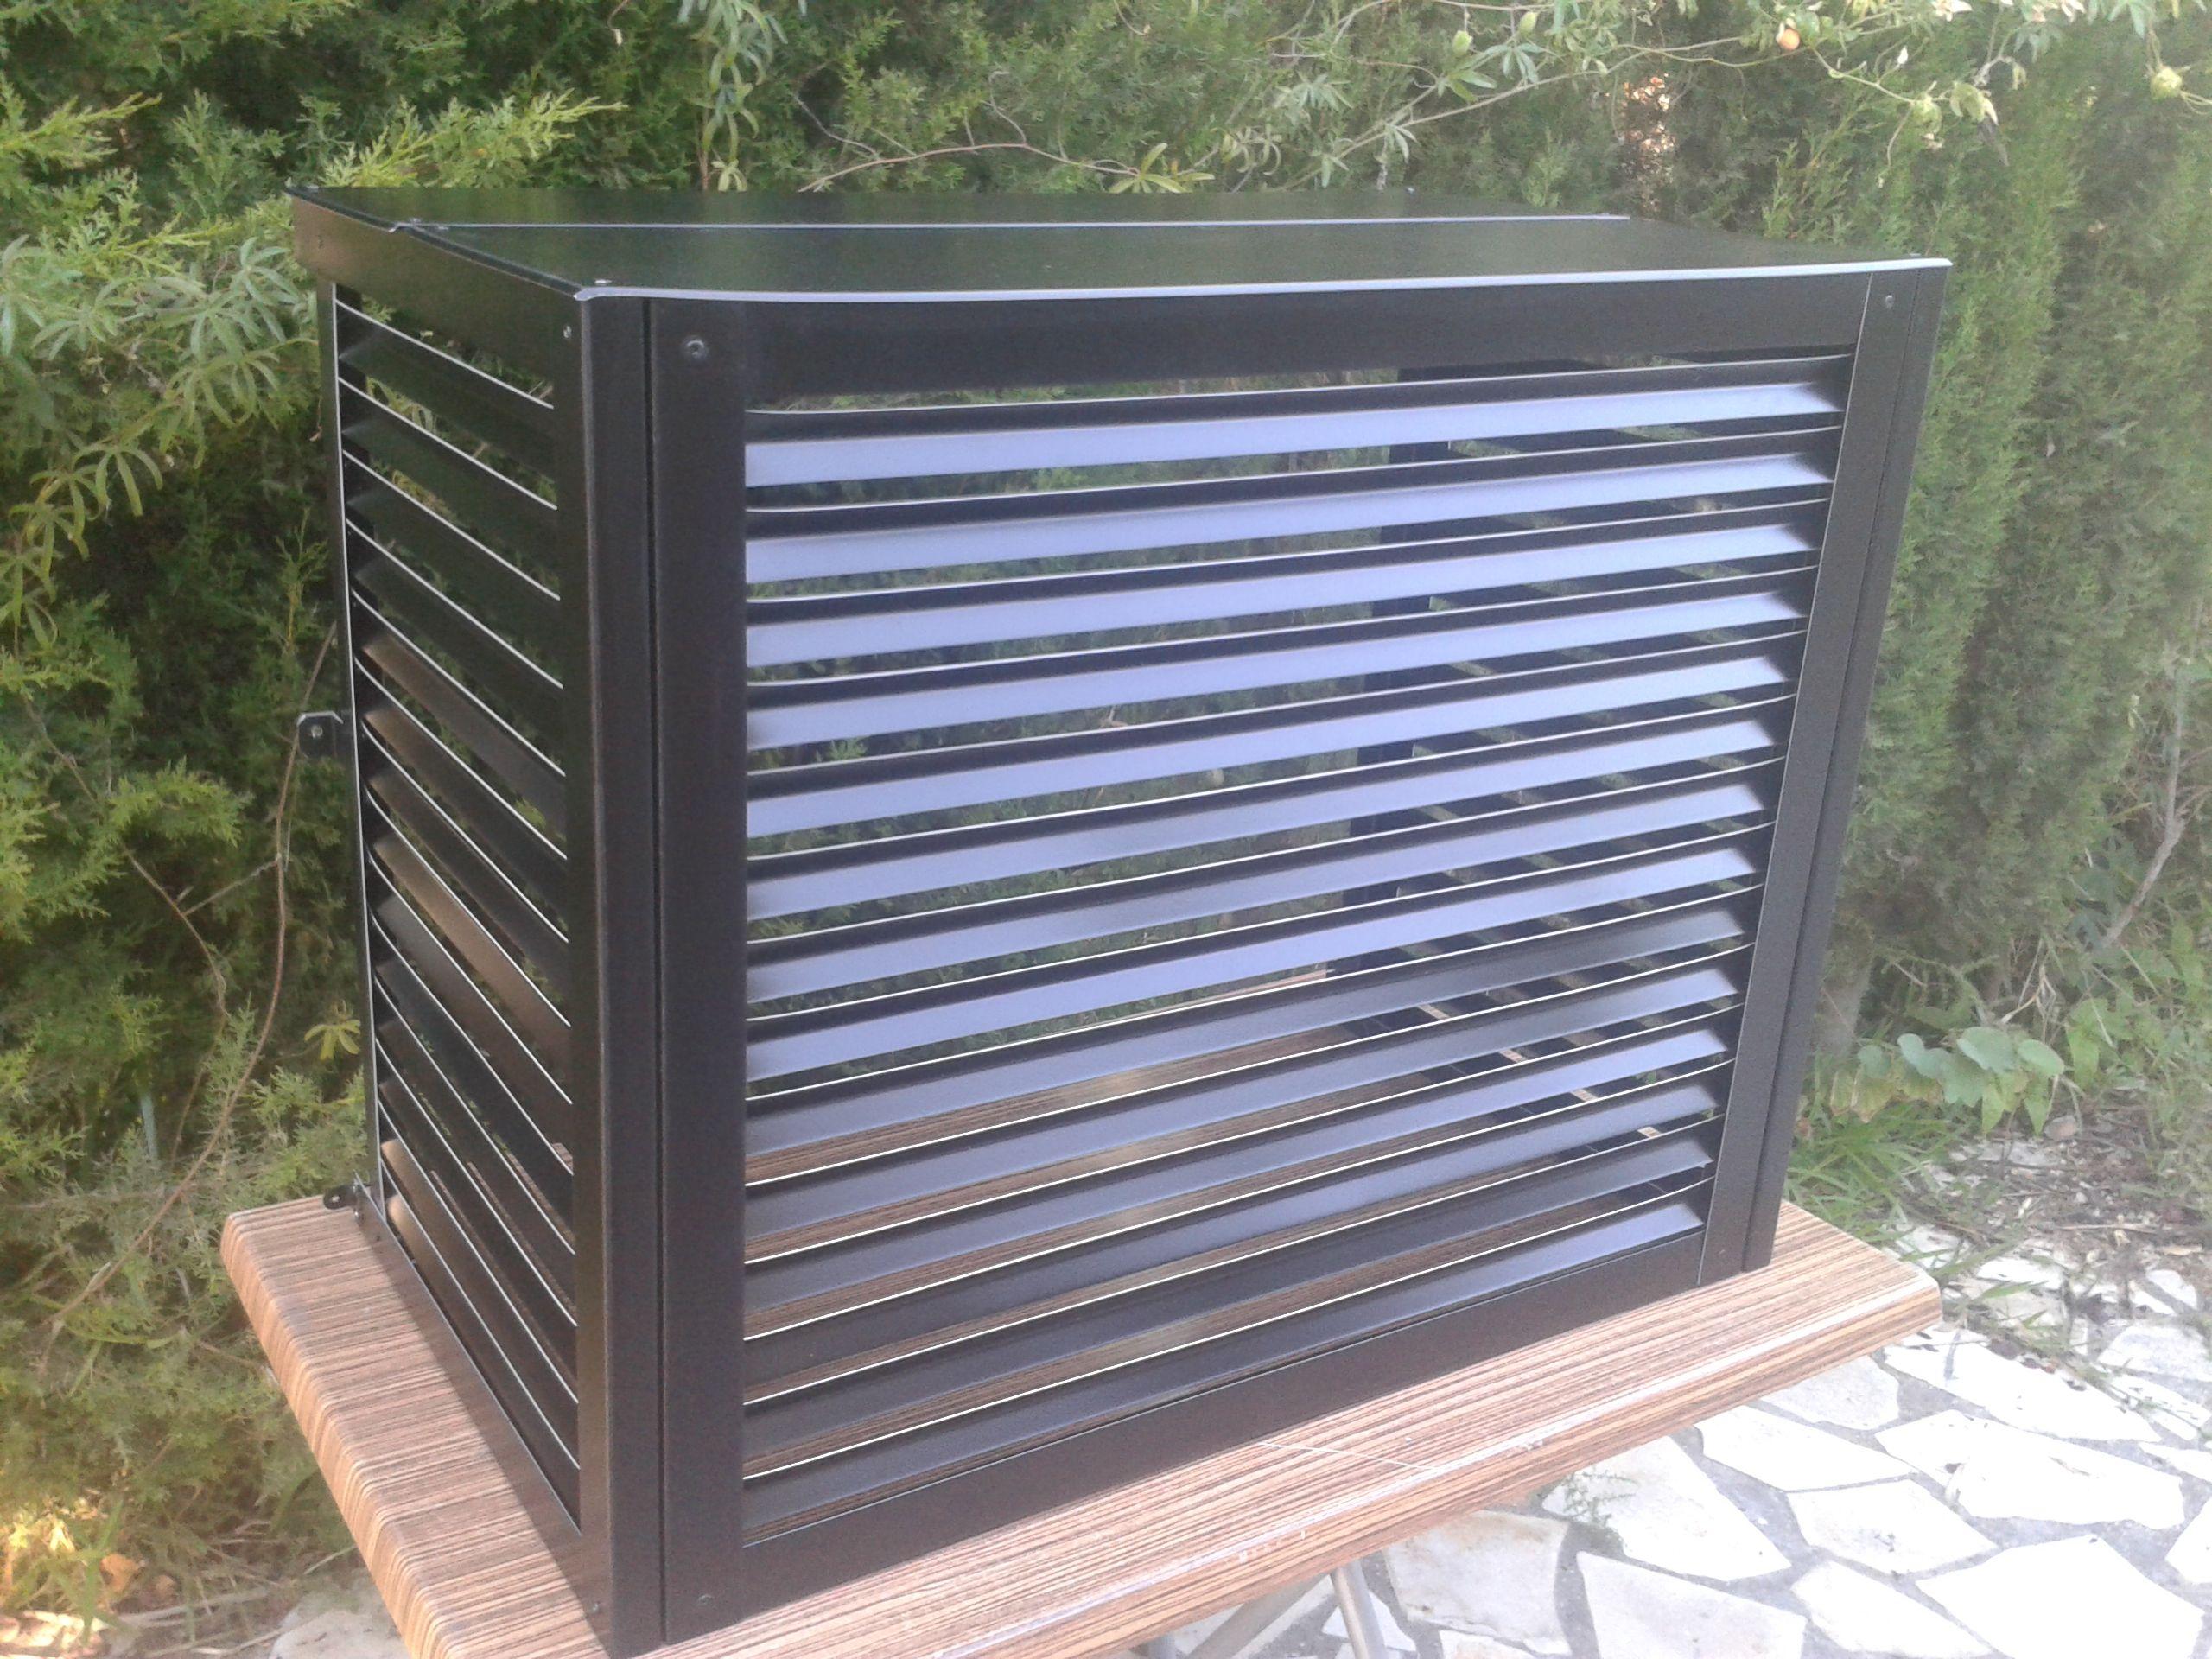 Cubierta de aire acondicionado para exterior. (con